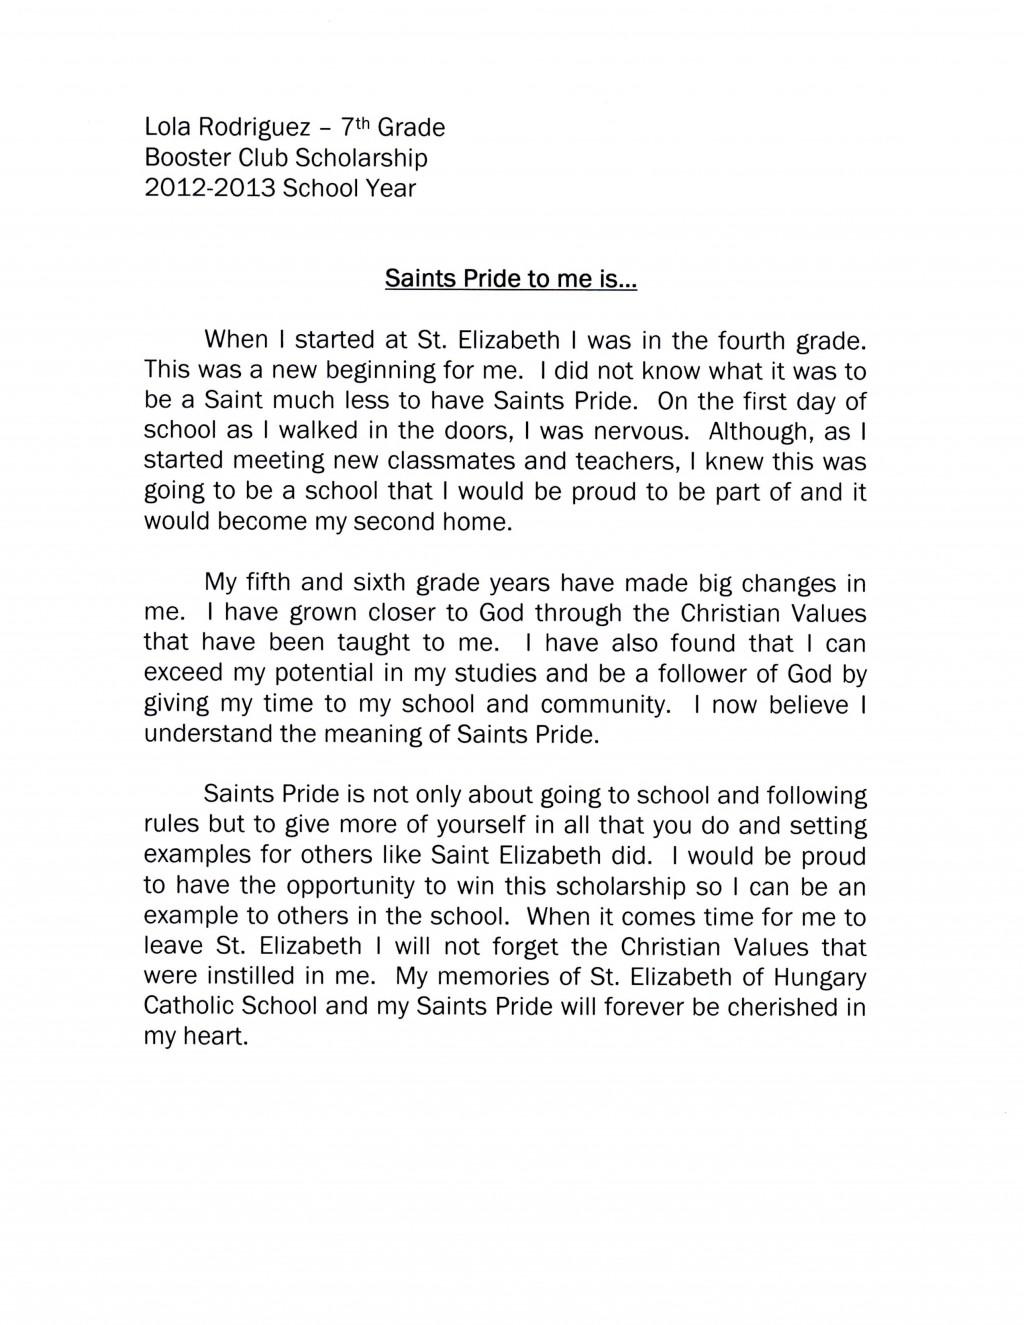 005 Lola Rodriguez Essay Example Lyric Awesome Examples Large